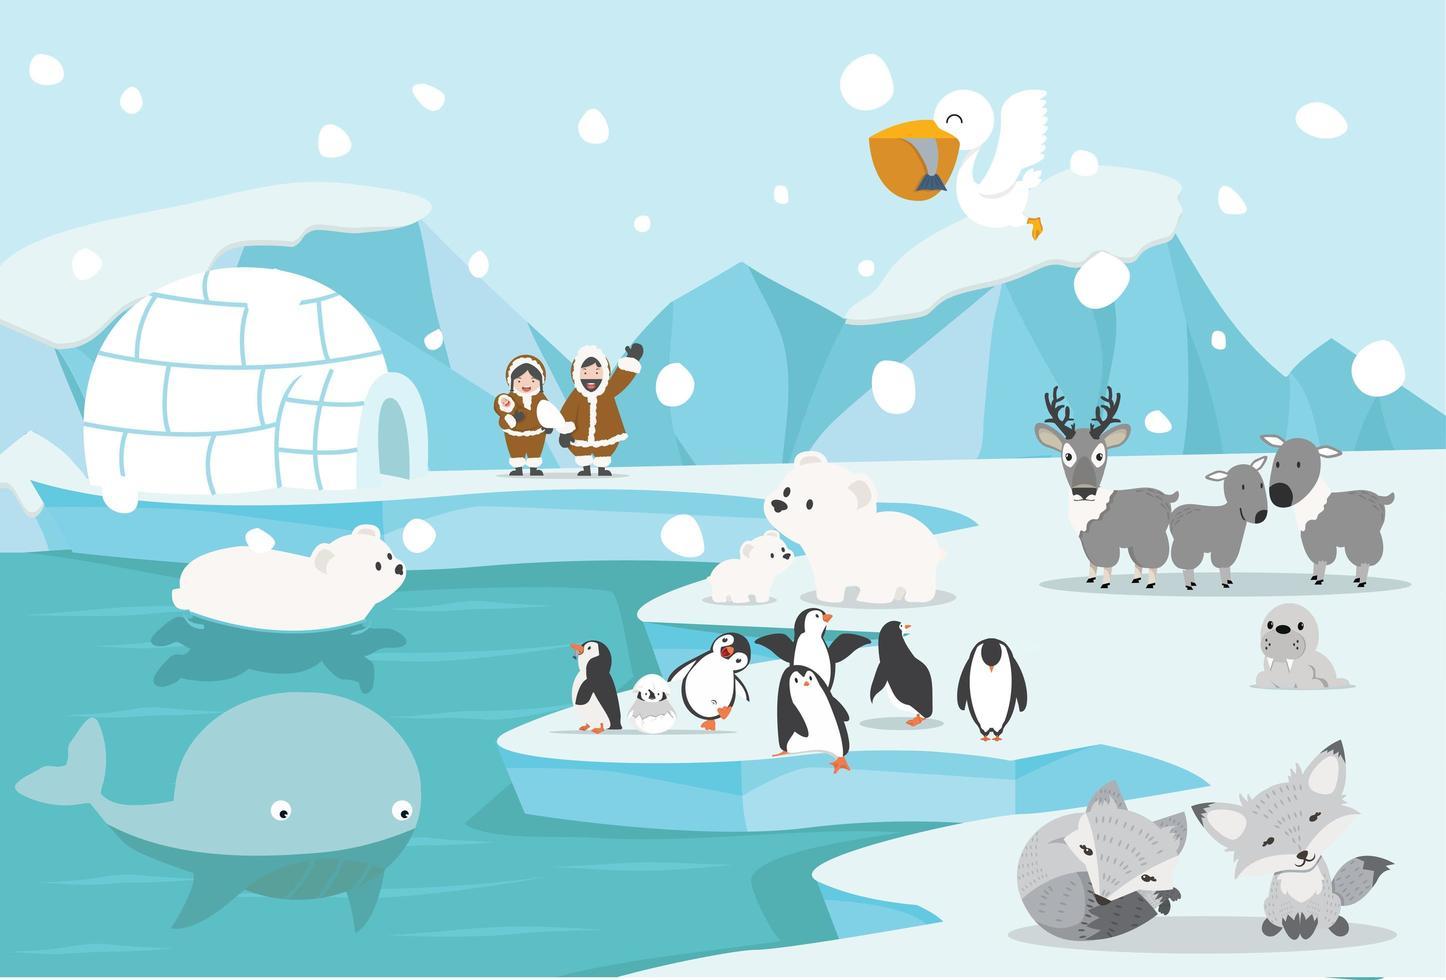 animales y personas en un paisaje ártico frío. vector